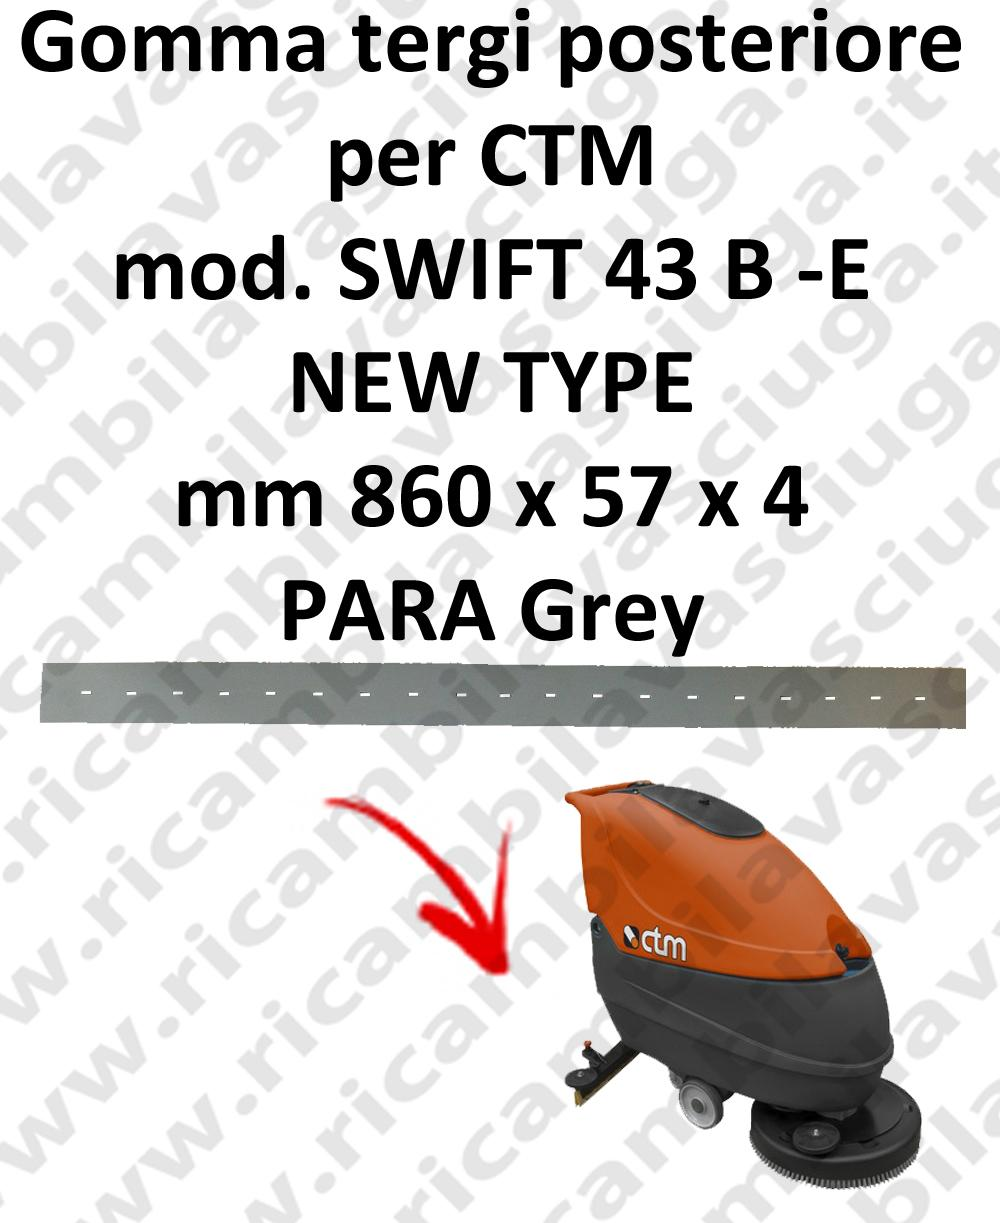 SWIFT 43 B - E new type GOMMA TERGI lavapavimenti posteriore per CTM